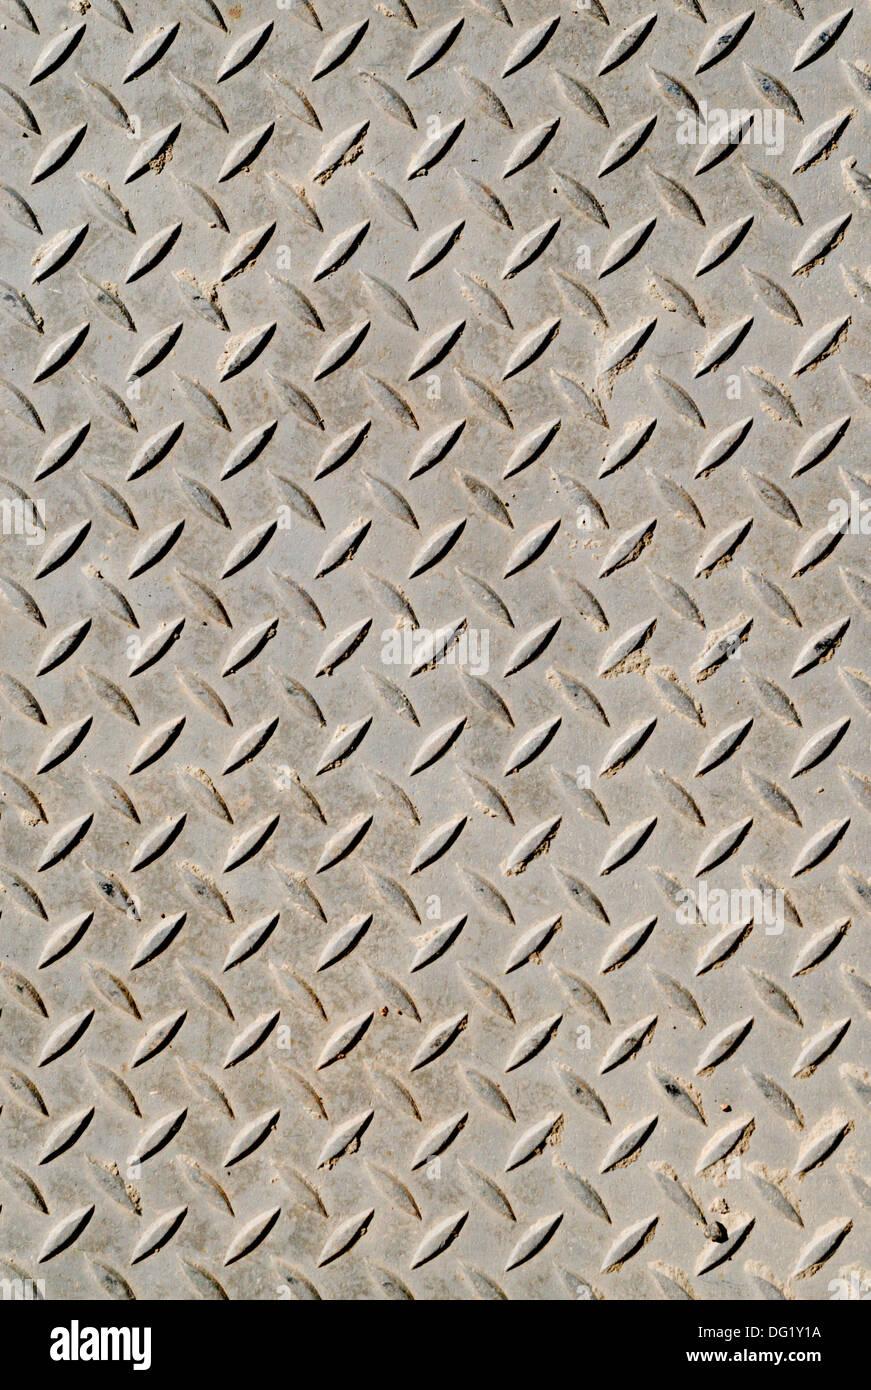 Schraffierte Metall rutschfeste Oberfläche Hintergrund Muster. Stockbild